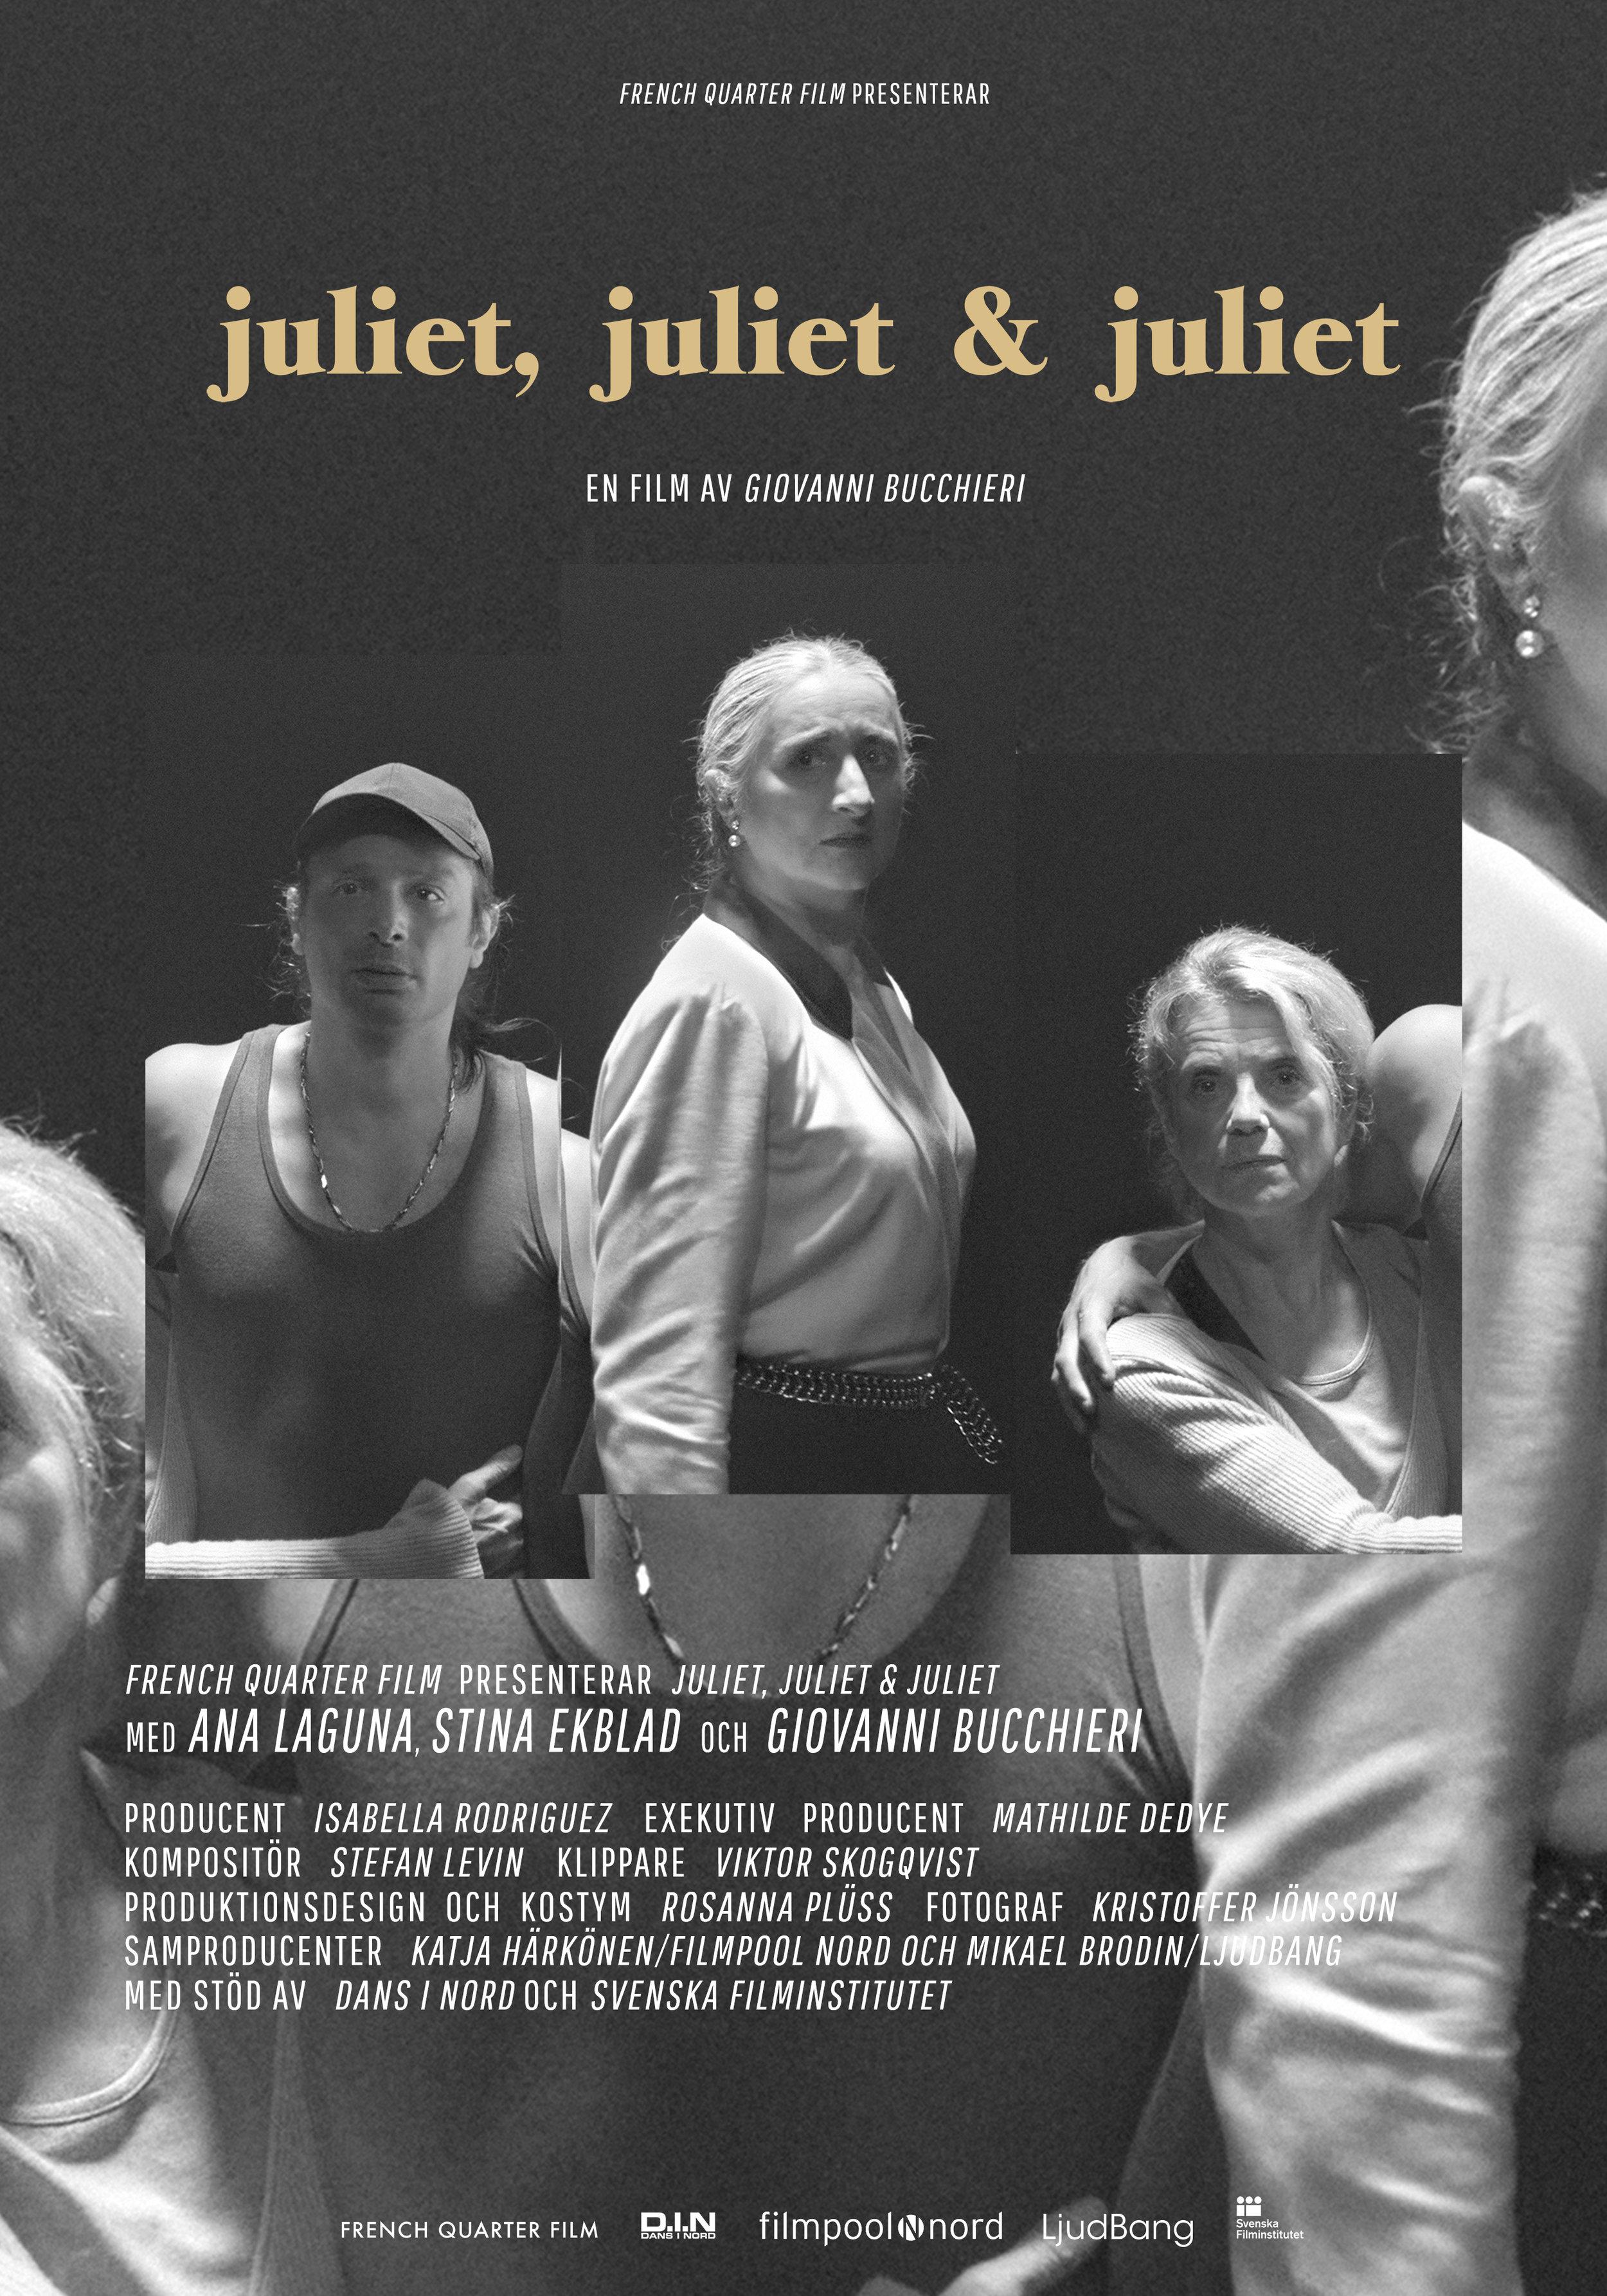 Juliet, Juliet & Juliet - short film by Giovanni Bucchieri (2017)